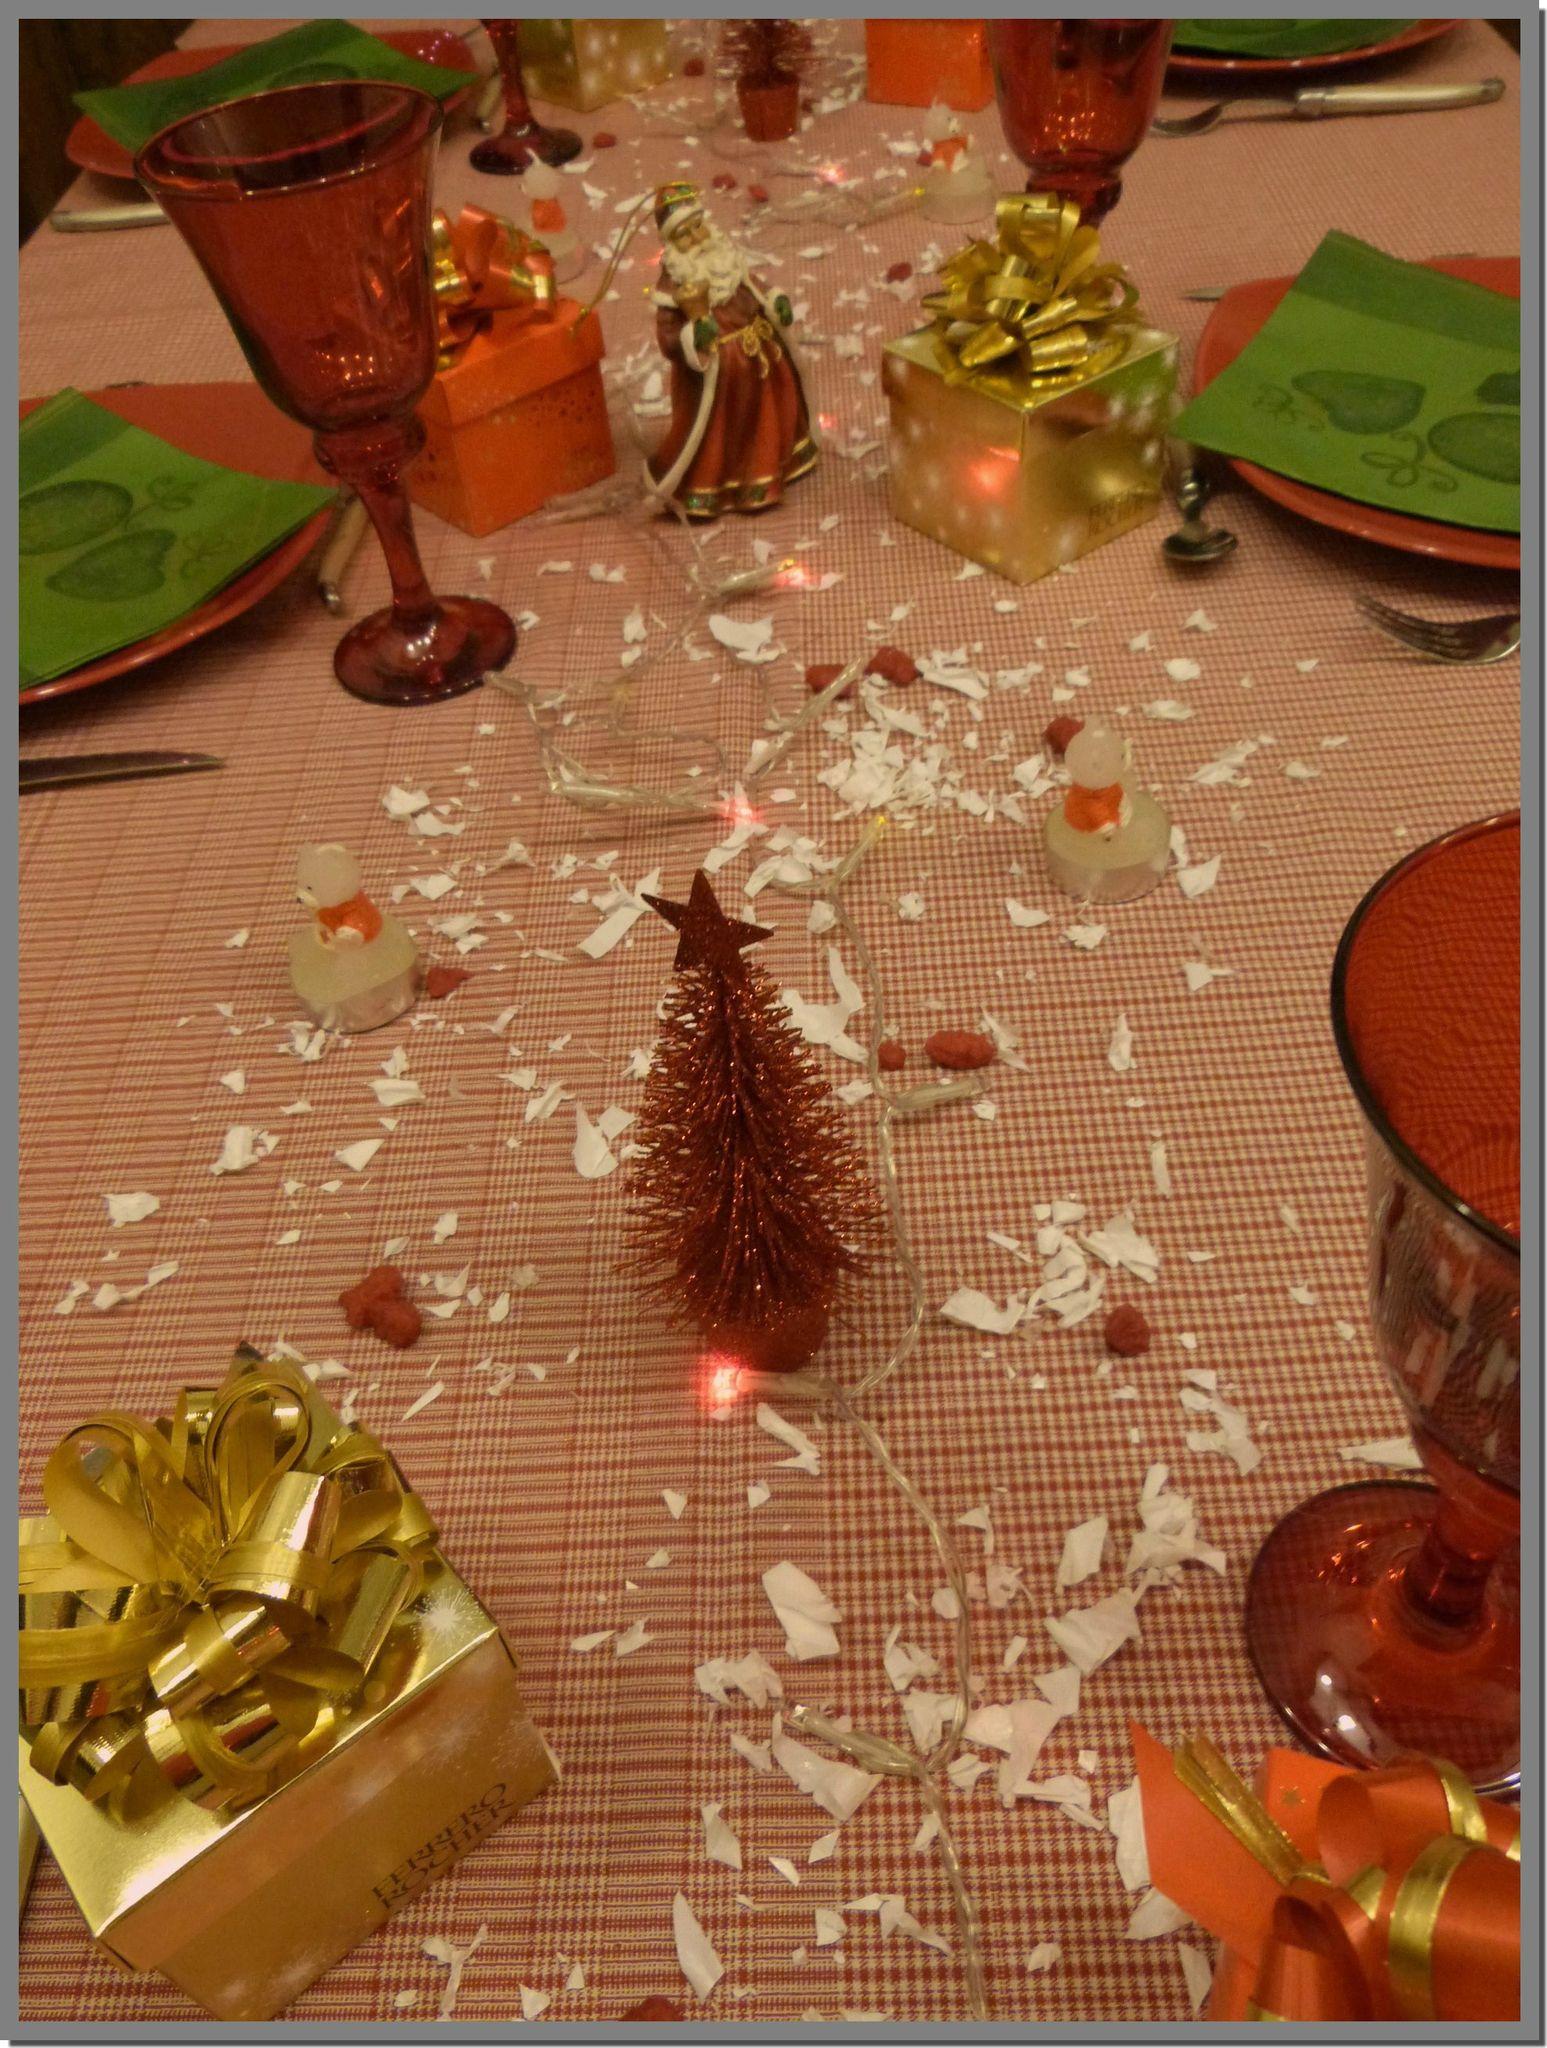 #B94612 Table De Noël En Rouge Et Vert Tables Et Déco D'Estelle 6183 decoration de table de noel en rouge et vert 1547x2048 px @ aertt.com